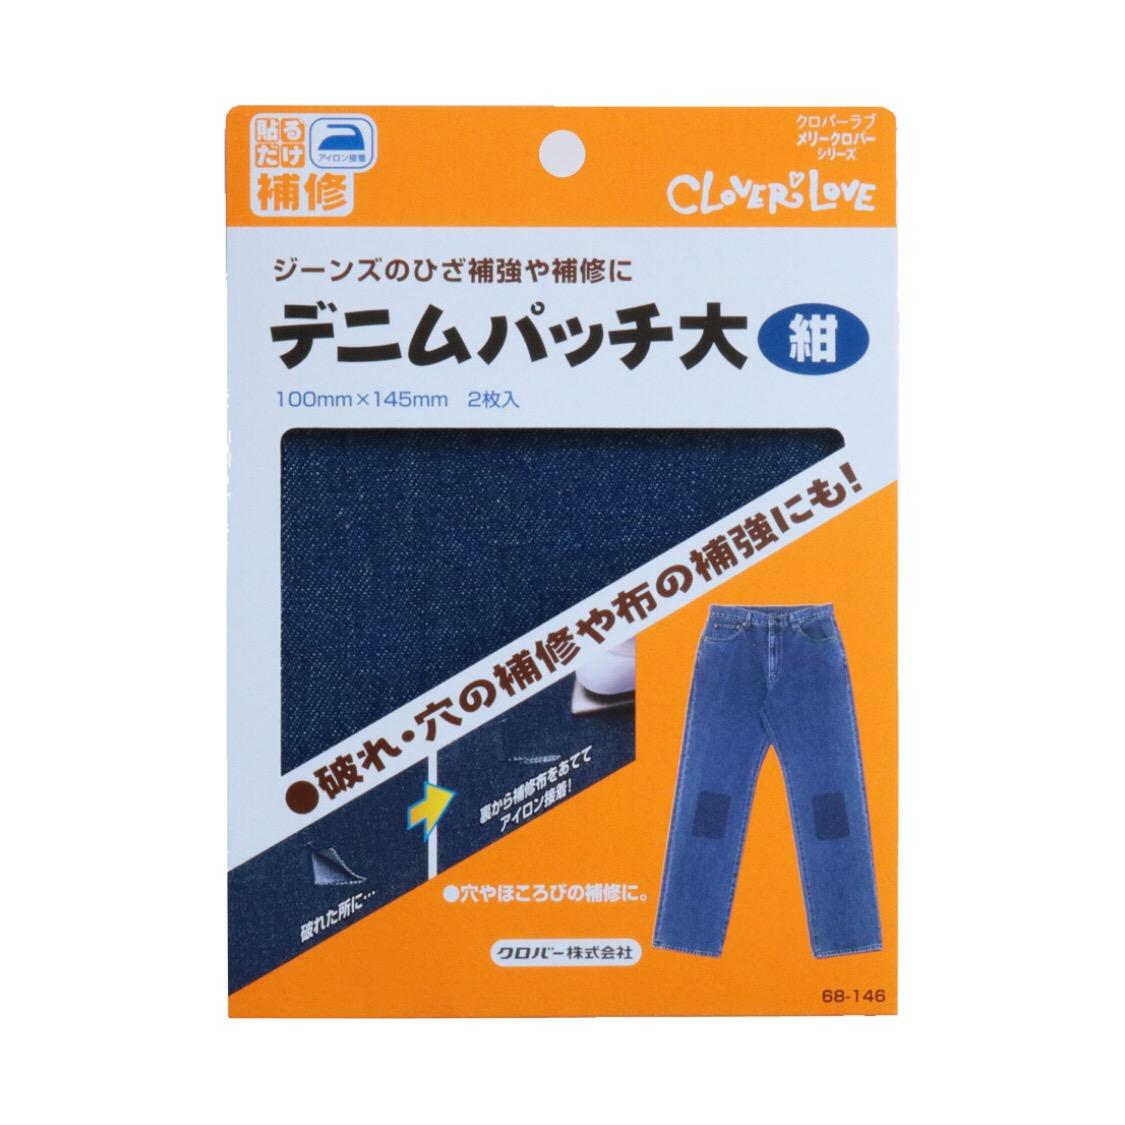 ファッション通販 送料無料 クロバー デニムパッチ 大 倉庫 補修用品 68-146